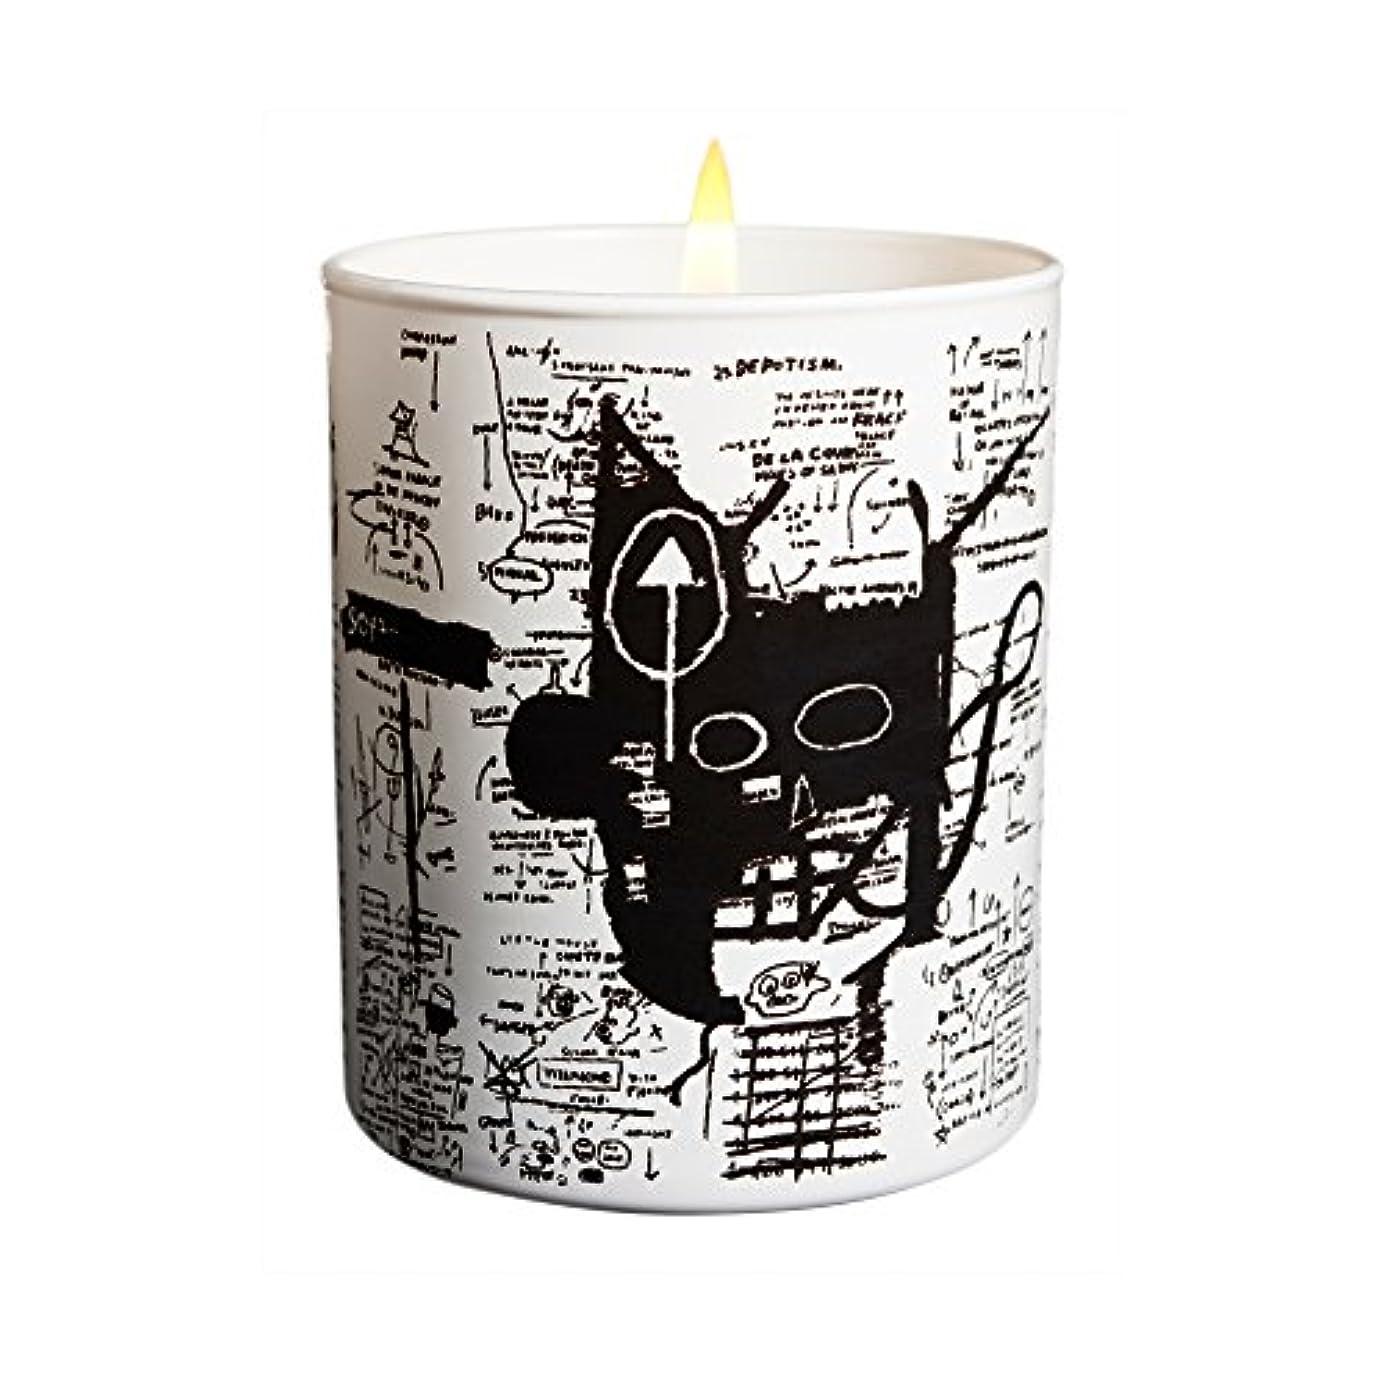 愛神経障害手書きジャン ミシェル バスキア リターン オブ ザ セントラル フィギュア キャンドル(Jean-Michael Basquiat Perfumed Candle